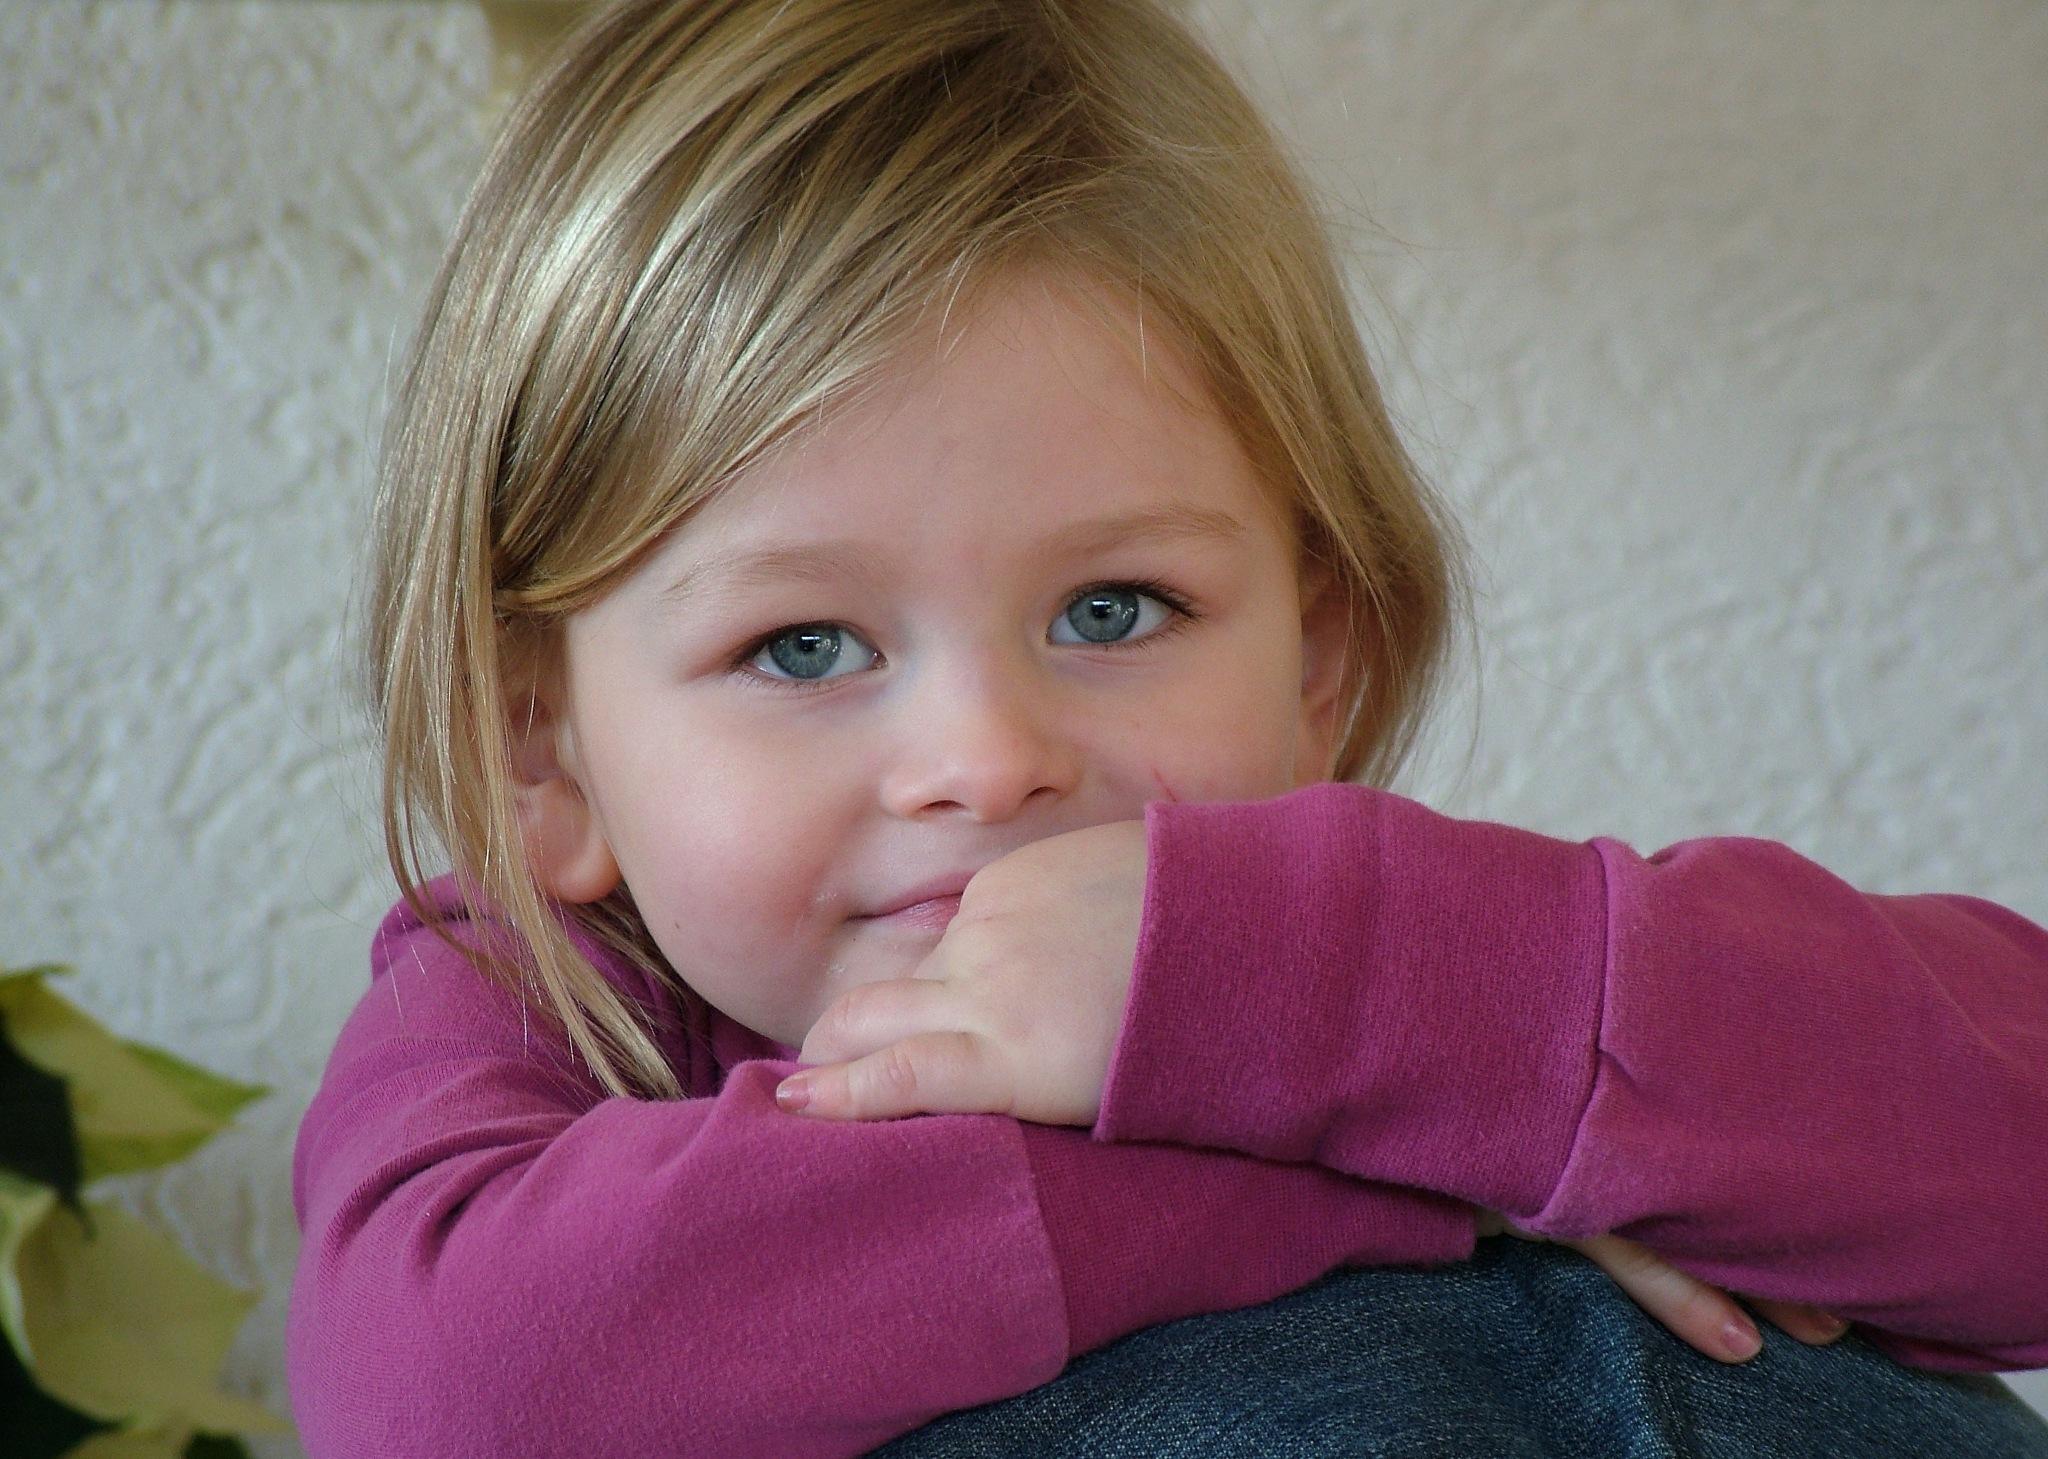 Portrait of a little lady by Zapp